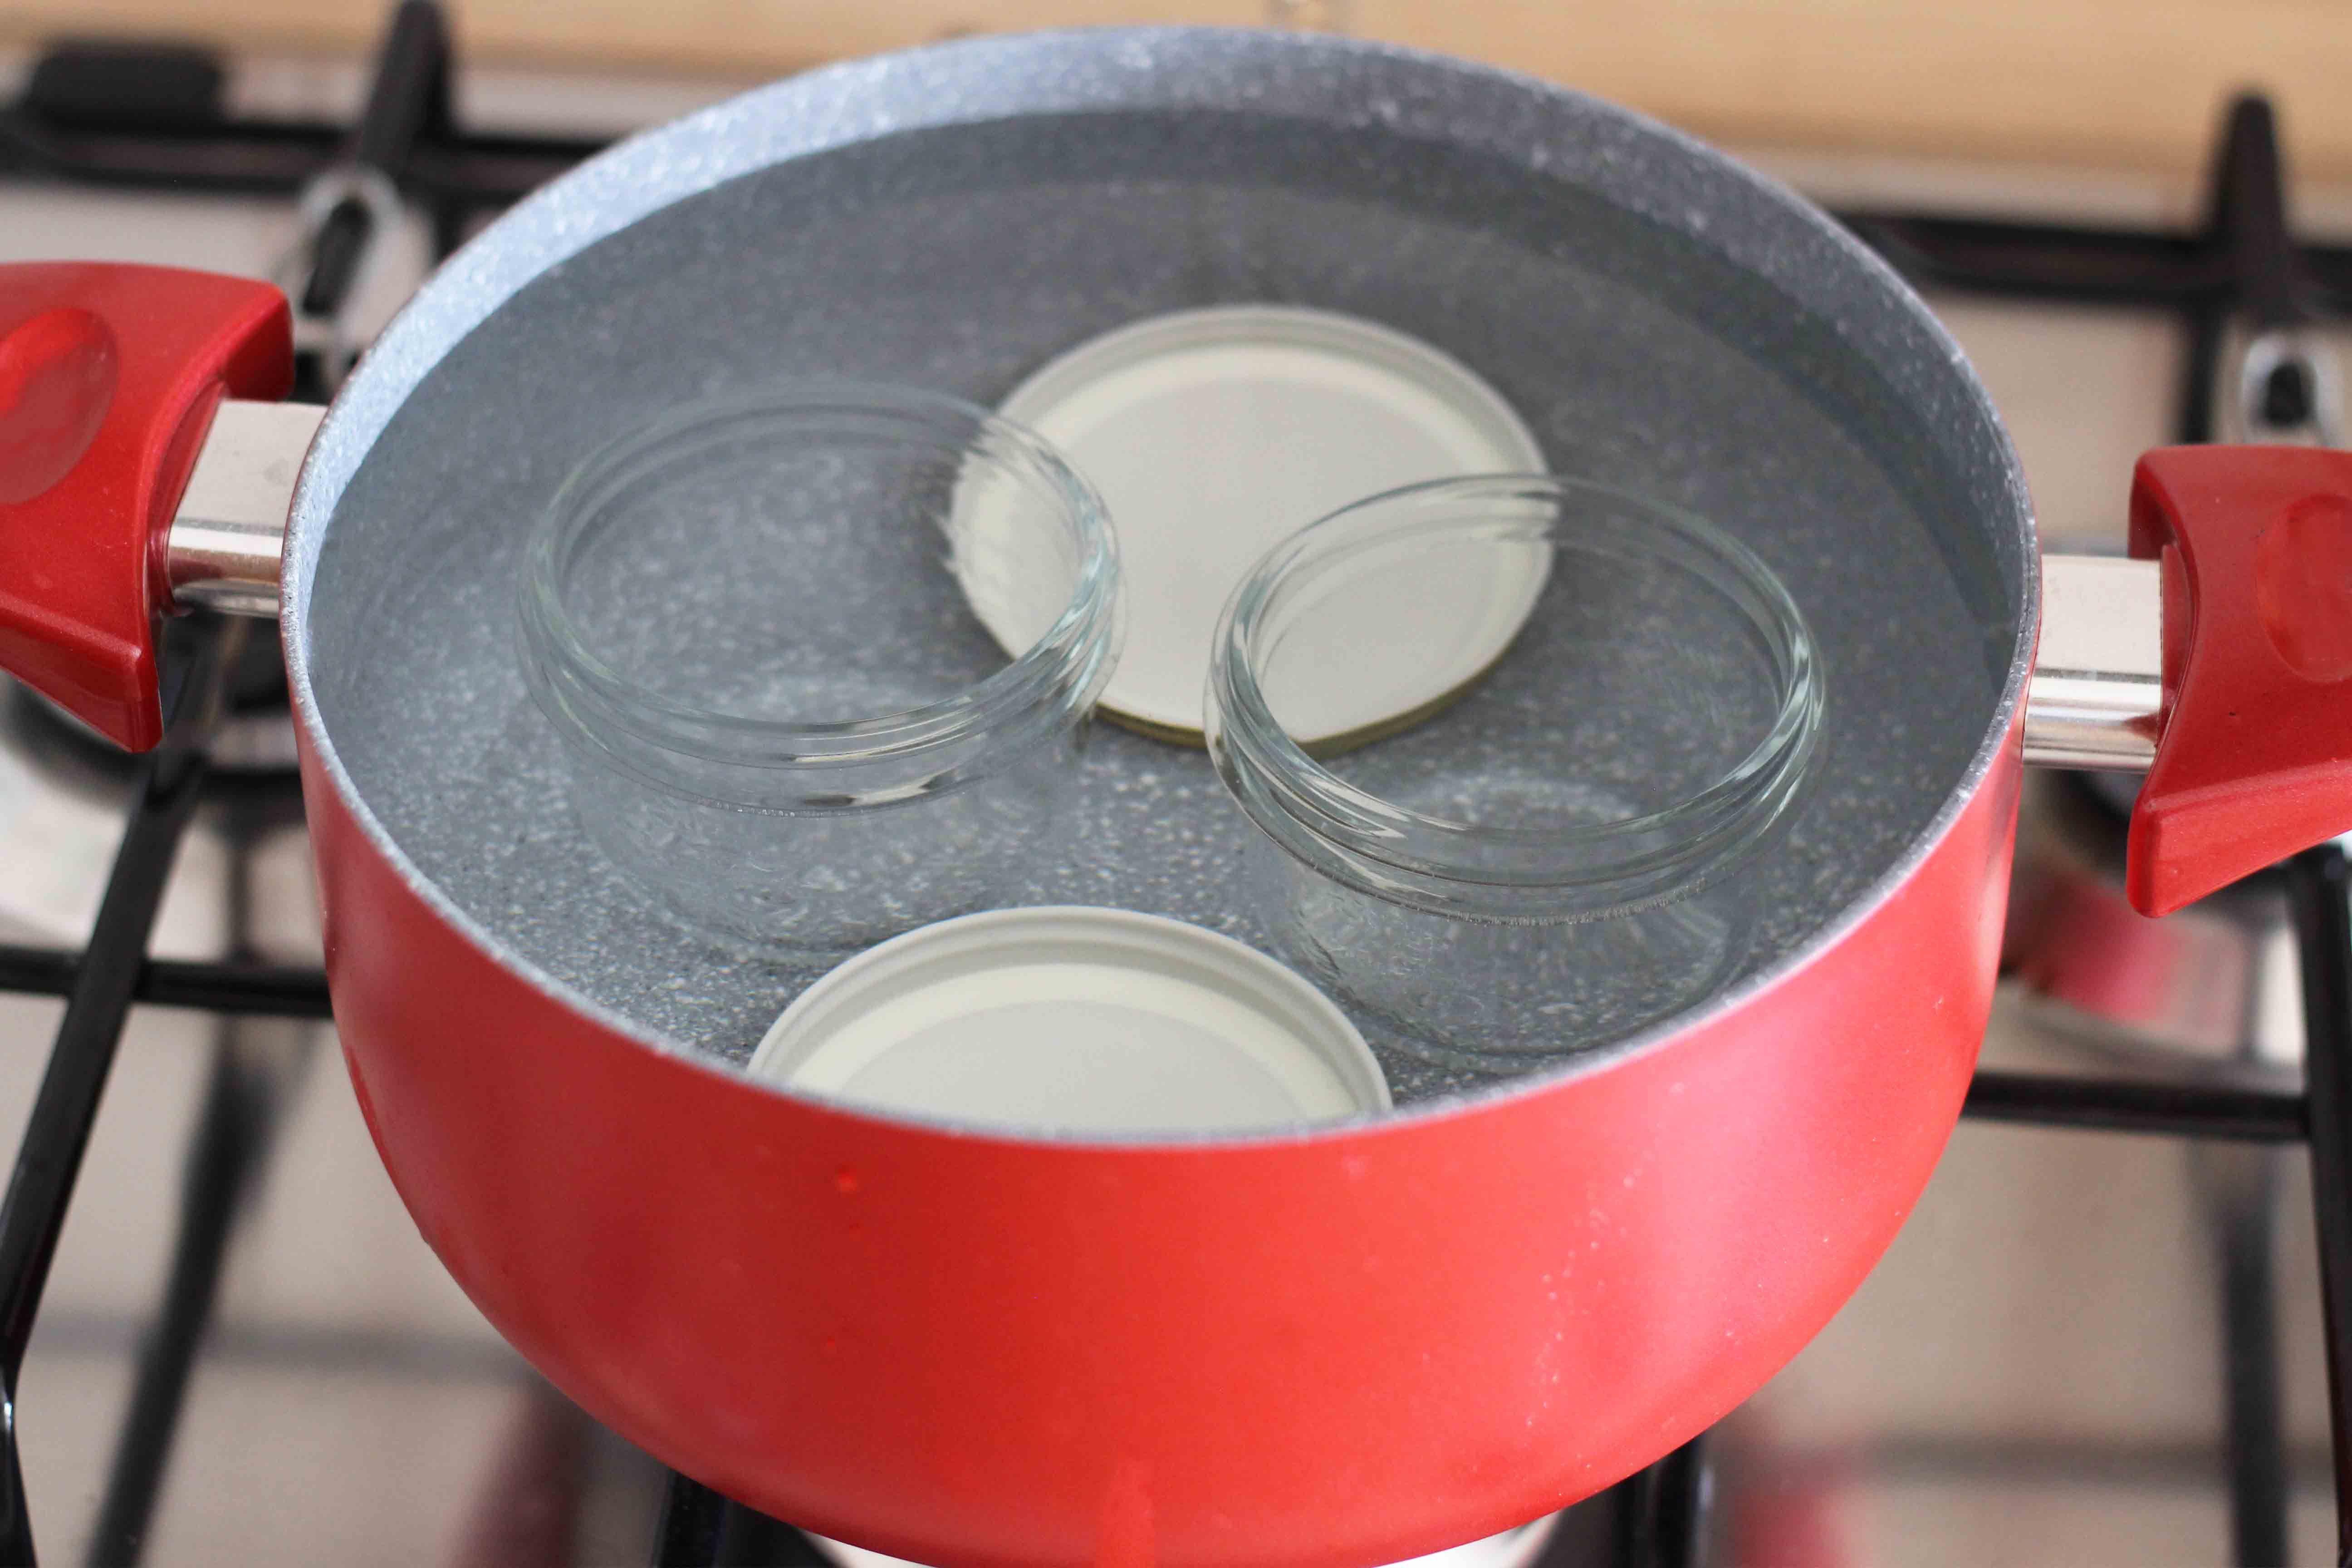 Come Sterilizzare Vasetti Per Conserve come sterilizzare i vasetti per le conserve | conserve, cibo